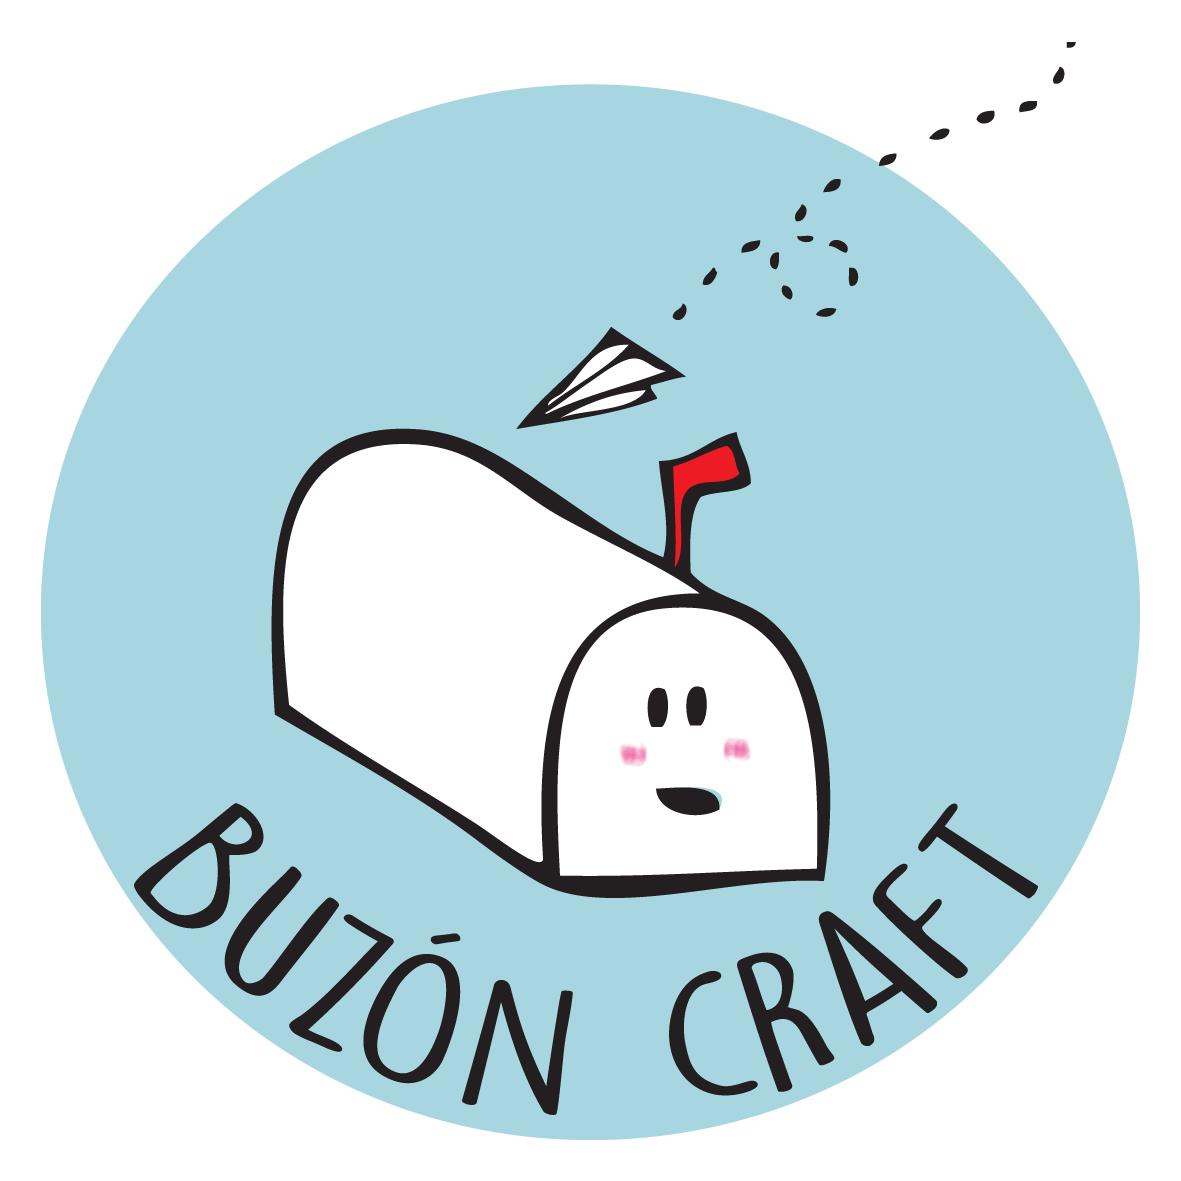 Buzón Craft